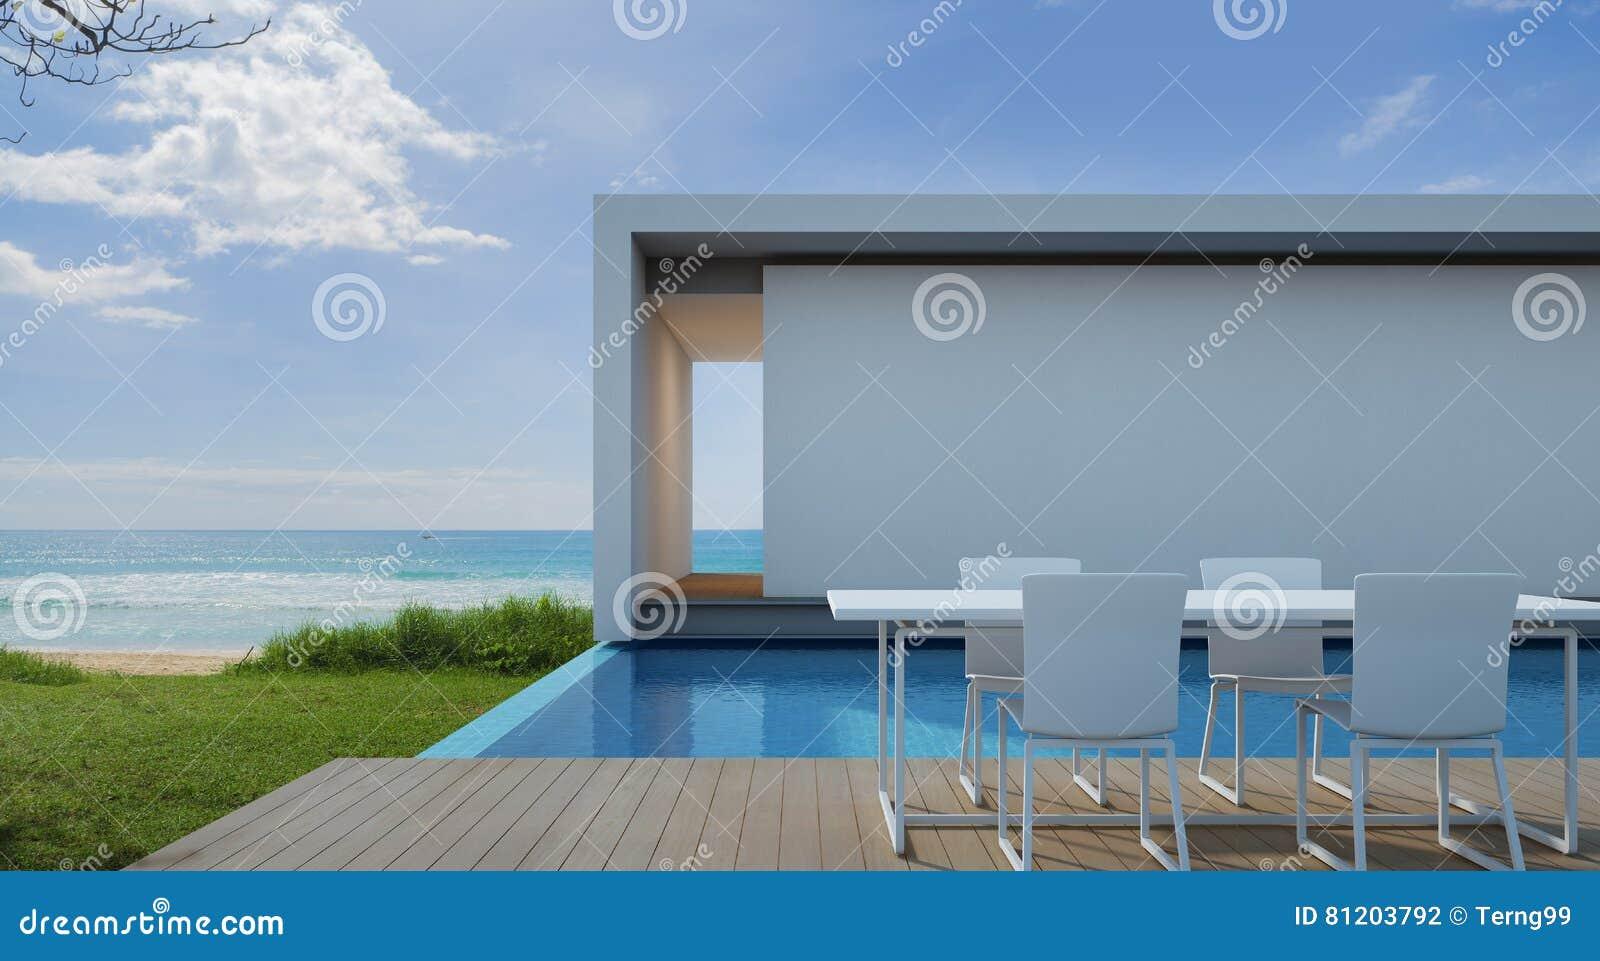 Casa De Playa En Diseño Moderno, Chalet De Lujo De La Piscina De ...